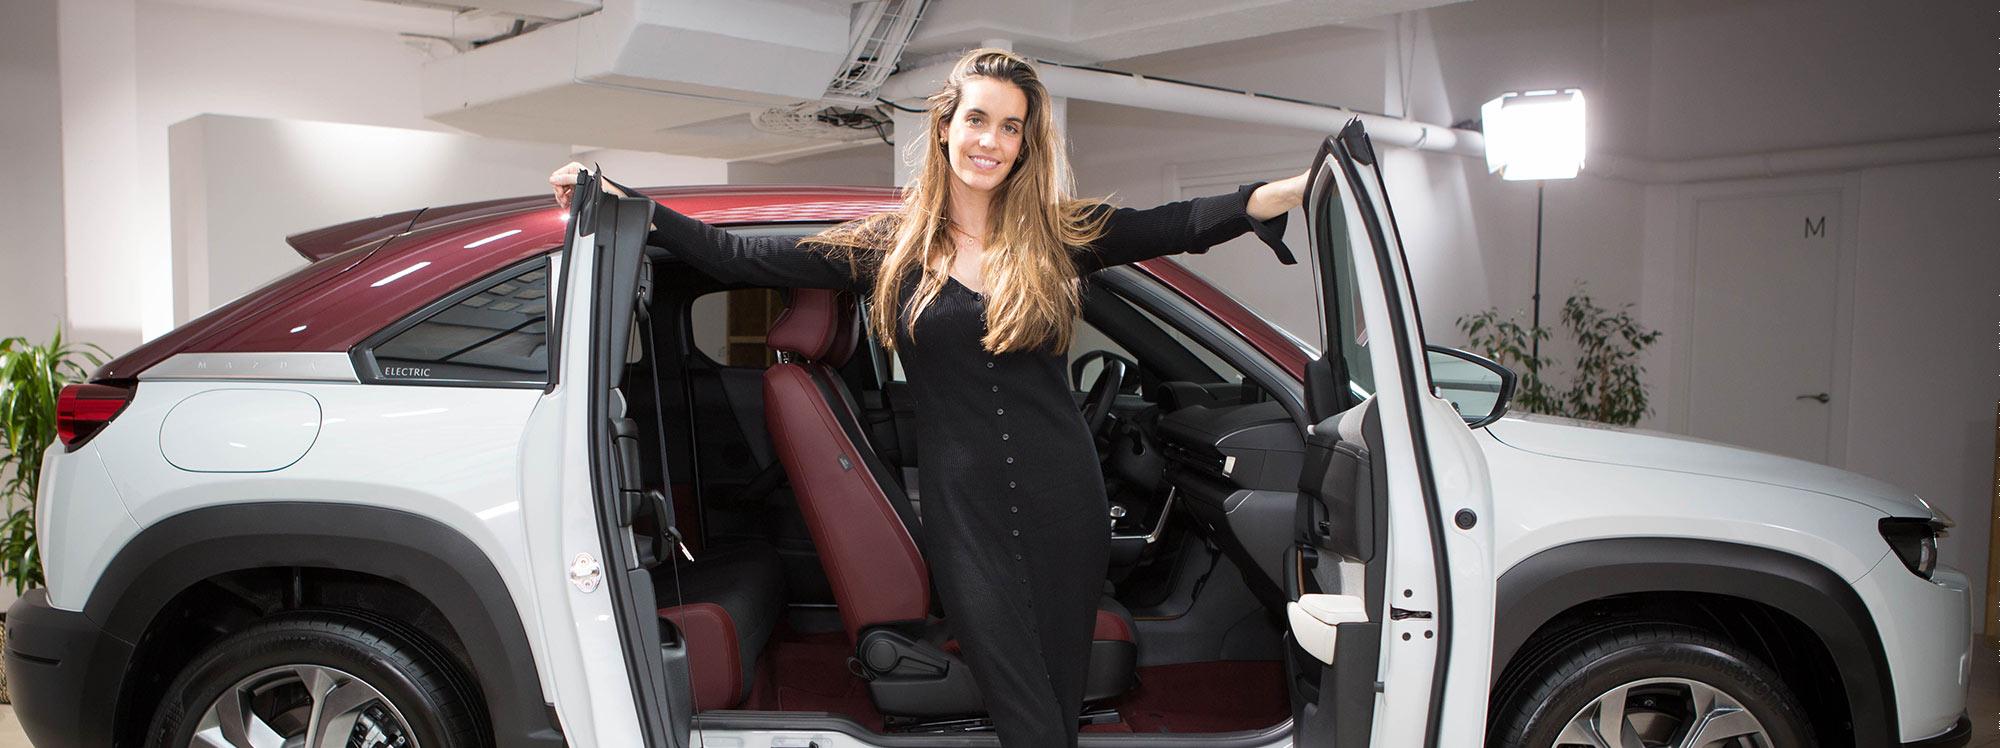 La nadadora Ona Carbonell es la nueva imagen del Mazda MX-30